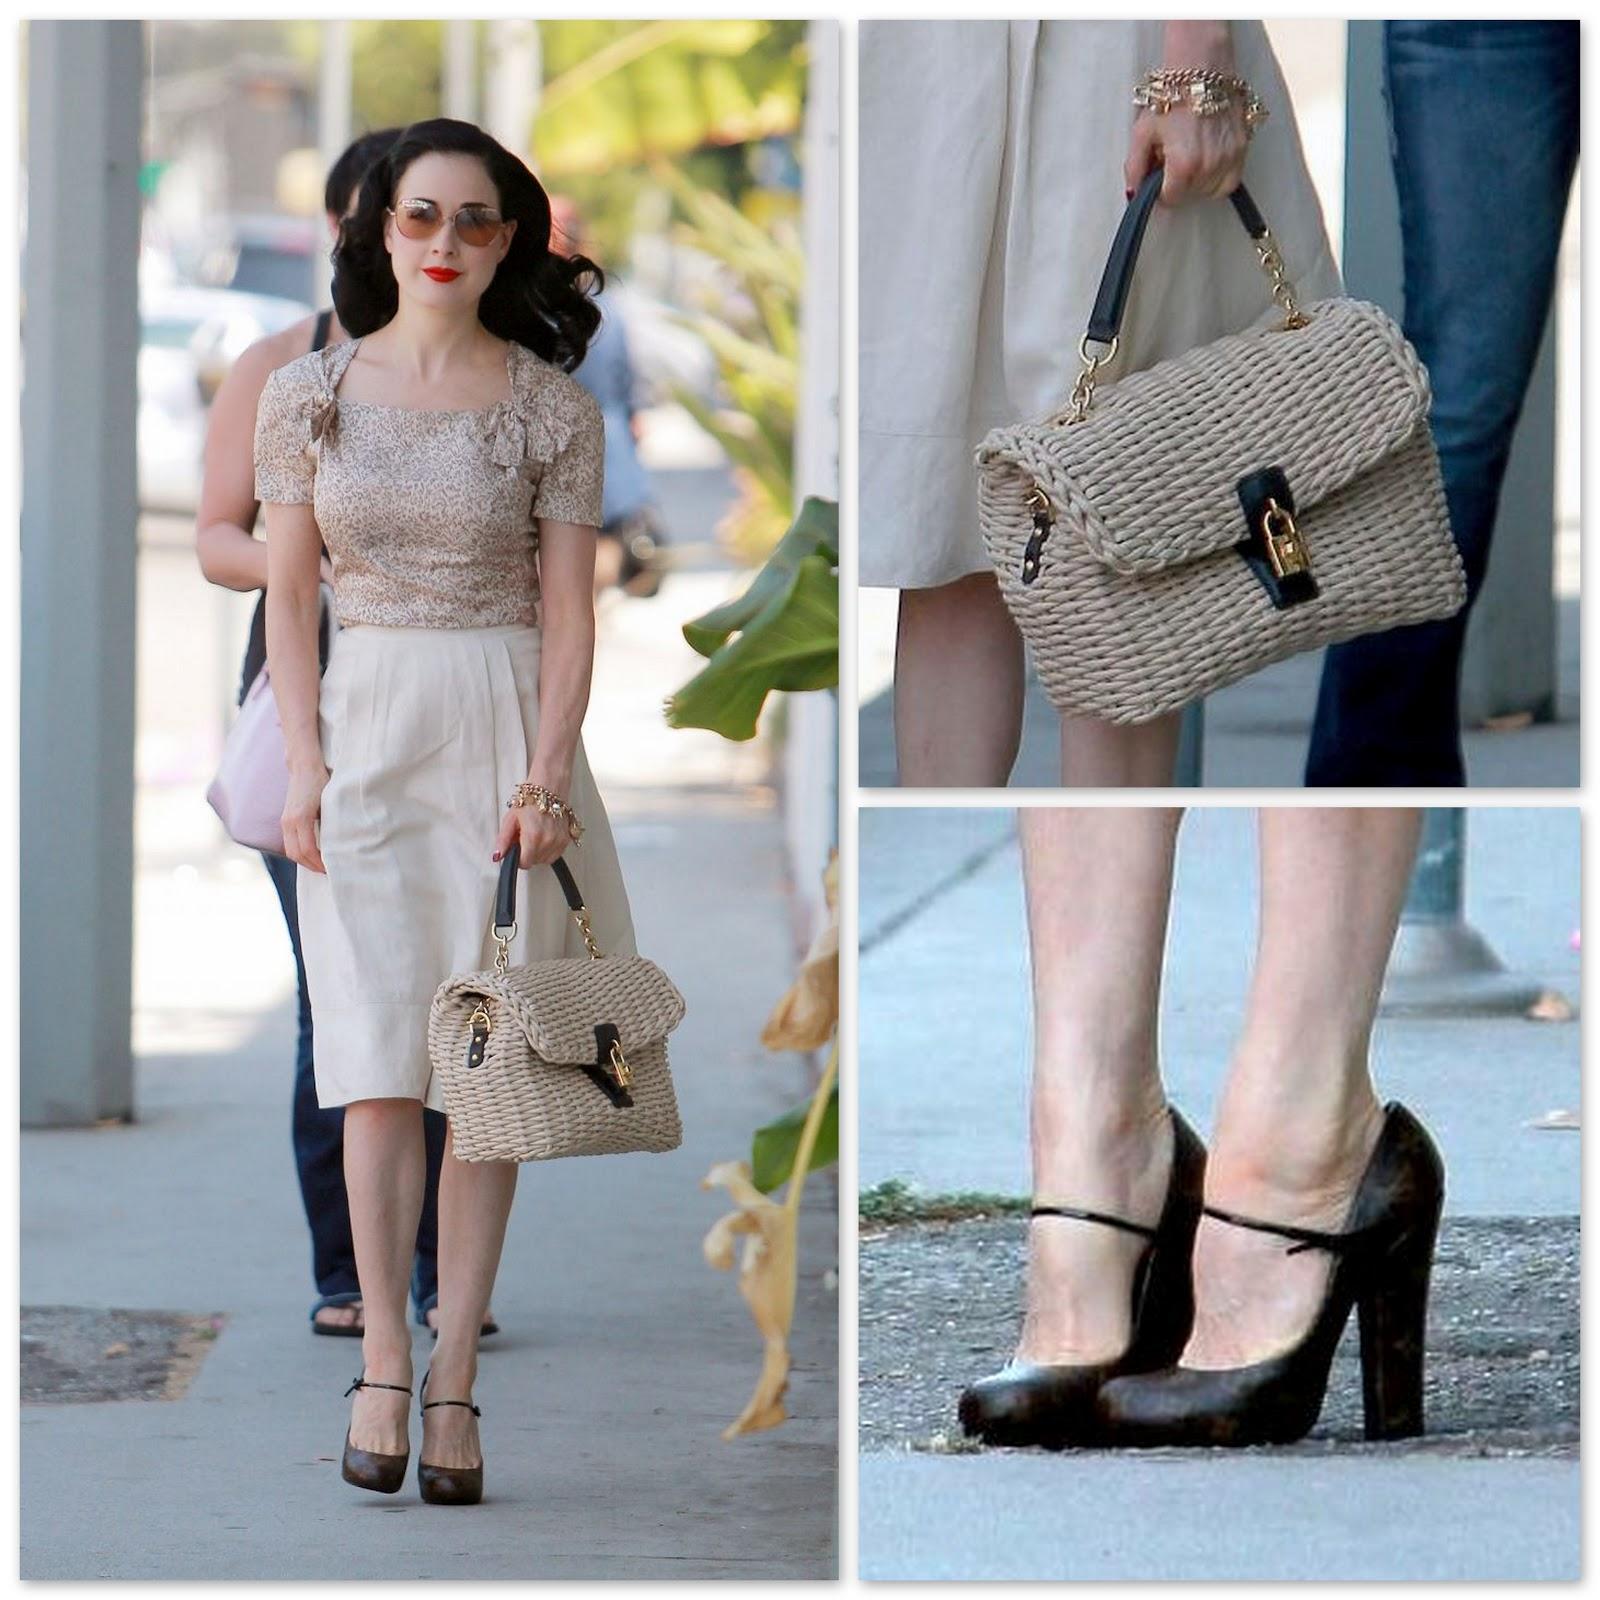 http://1.bp.blogspot.com/-D9pZvceeGfA/UDevR0VWB7I/AAAAAAAAHrQ/eQTDnnYX8fo/s1600/best+dressed5.jpg